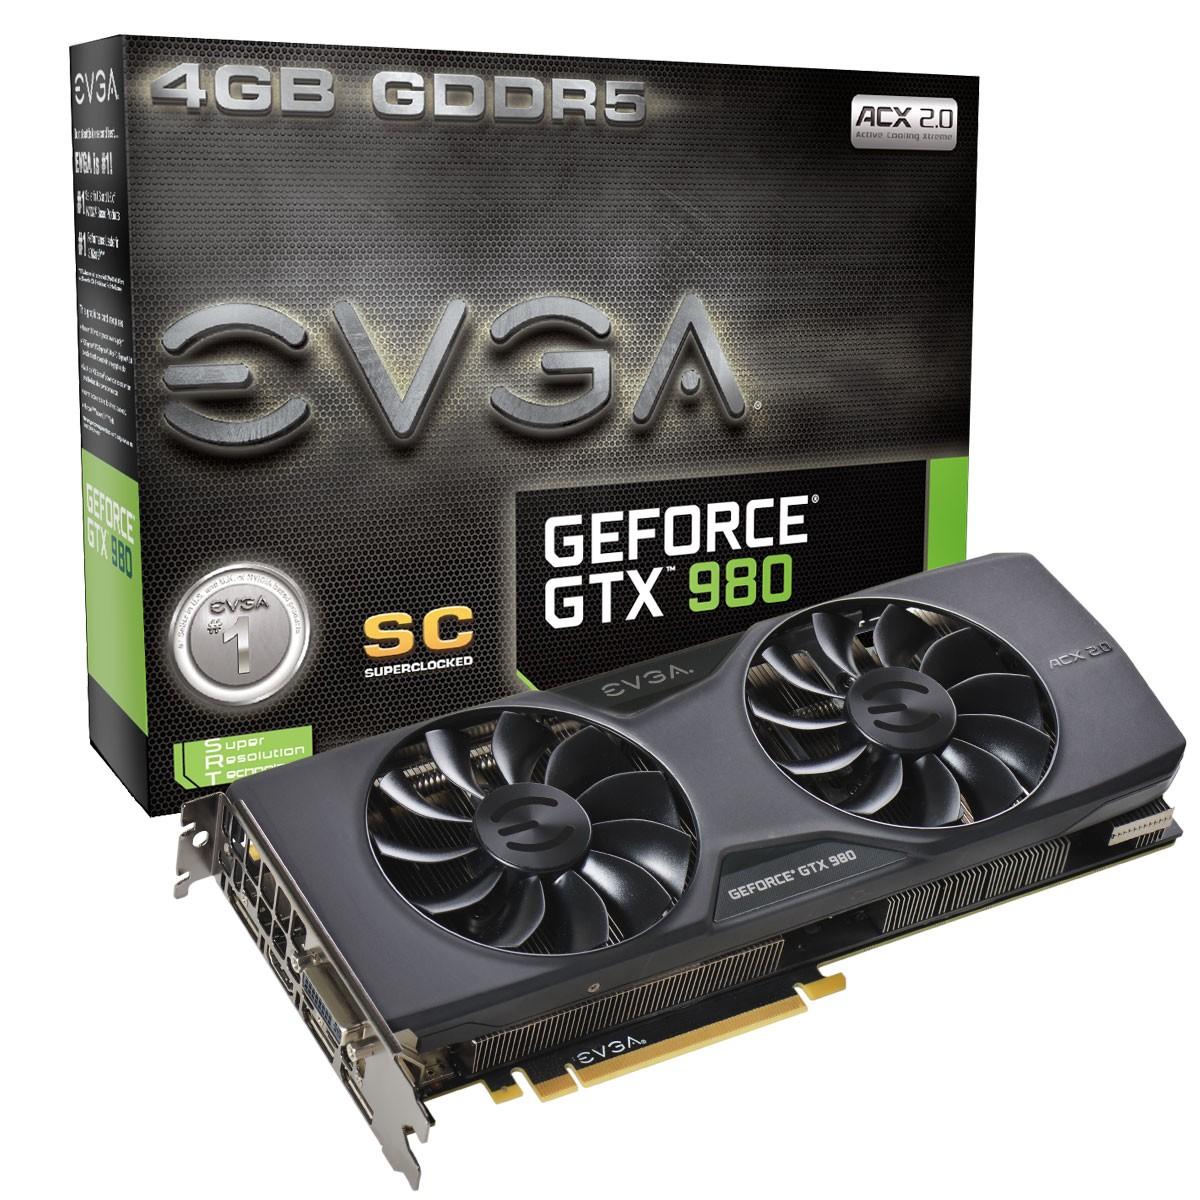 EVGA GTX 980 SC ACX 2.0